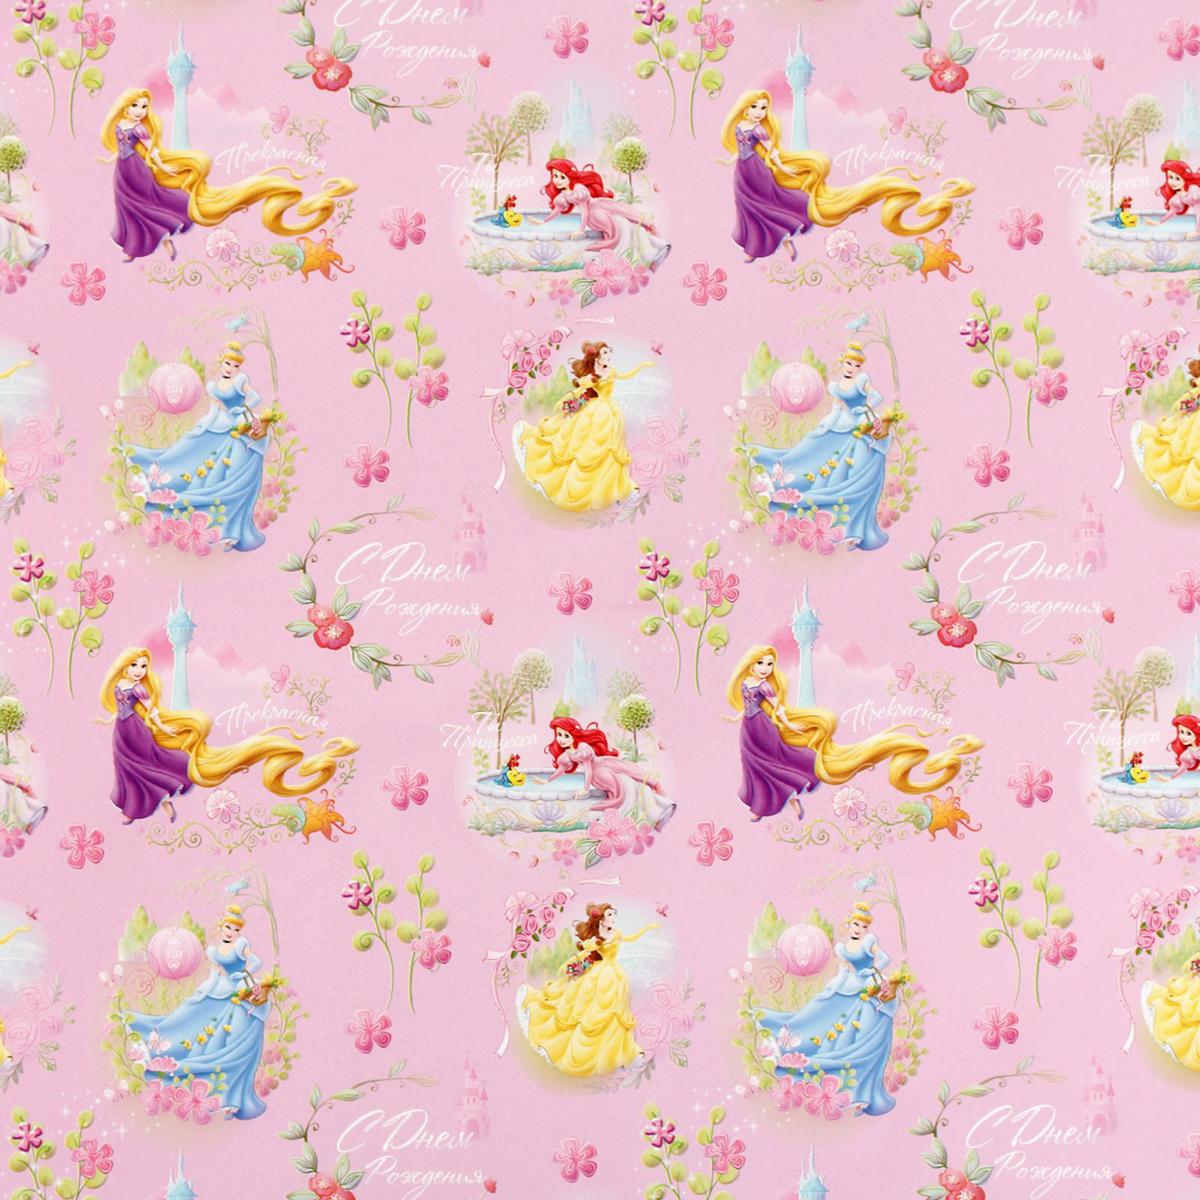 Бумага упаковочная Disney С Днем Рождения! Ты принцесса. Принцессы, глянцевая, 70 х 100 см. 25864542586454Удивительный мир Disney теперь совсем близко! Любимые герои и сюжеты в эксклюзивном дизайне нашей собственной разработки превращают любое изделие в современное произведение искусства с голливудским характером. Подарочная глянцевая бумага отличается высоким качеством печати и плотностью материала, что делает её удобной в вопросе оформления подарков. Такая упаковка всегда будет актуальна, ведь мультфильмы Disney, как вино, с годами становятся только лучше.